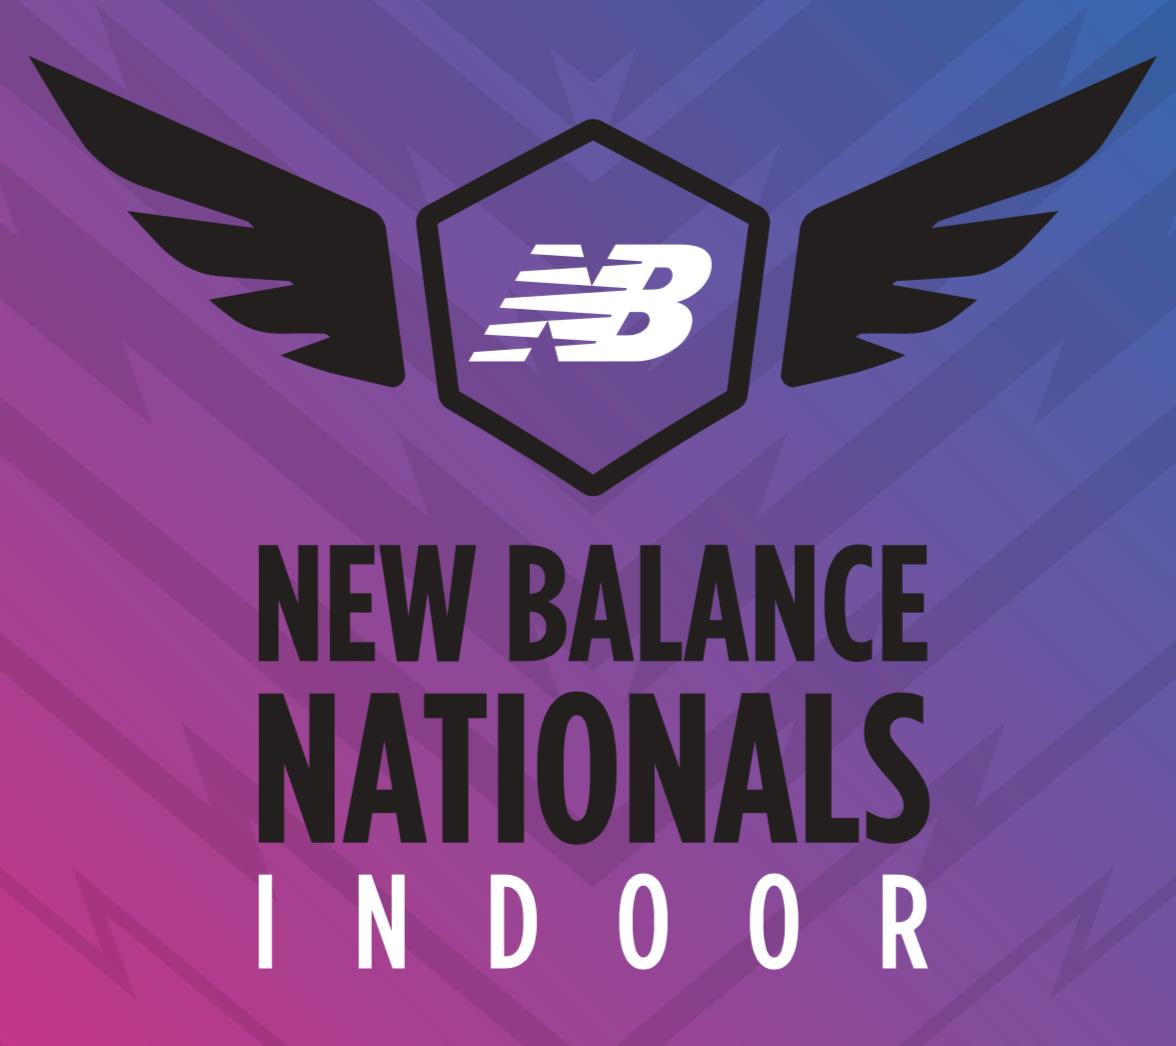 new balance indoor nationals